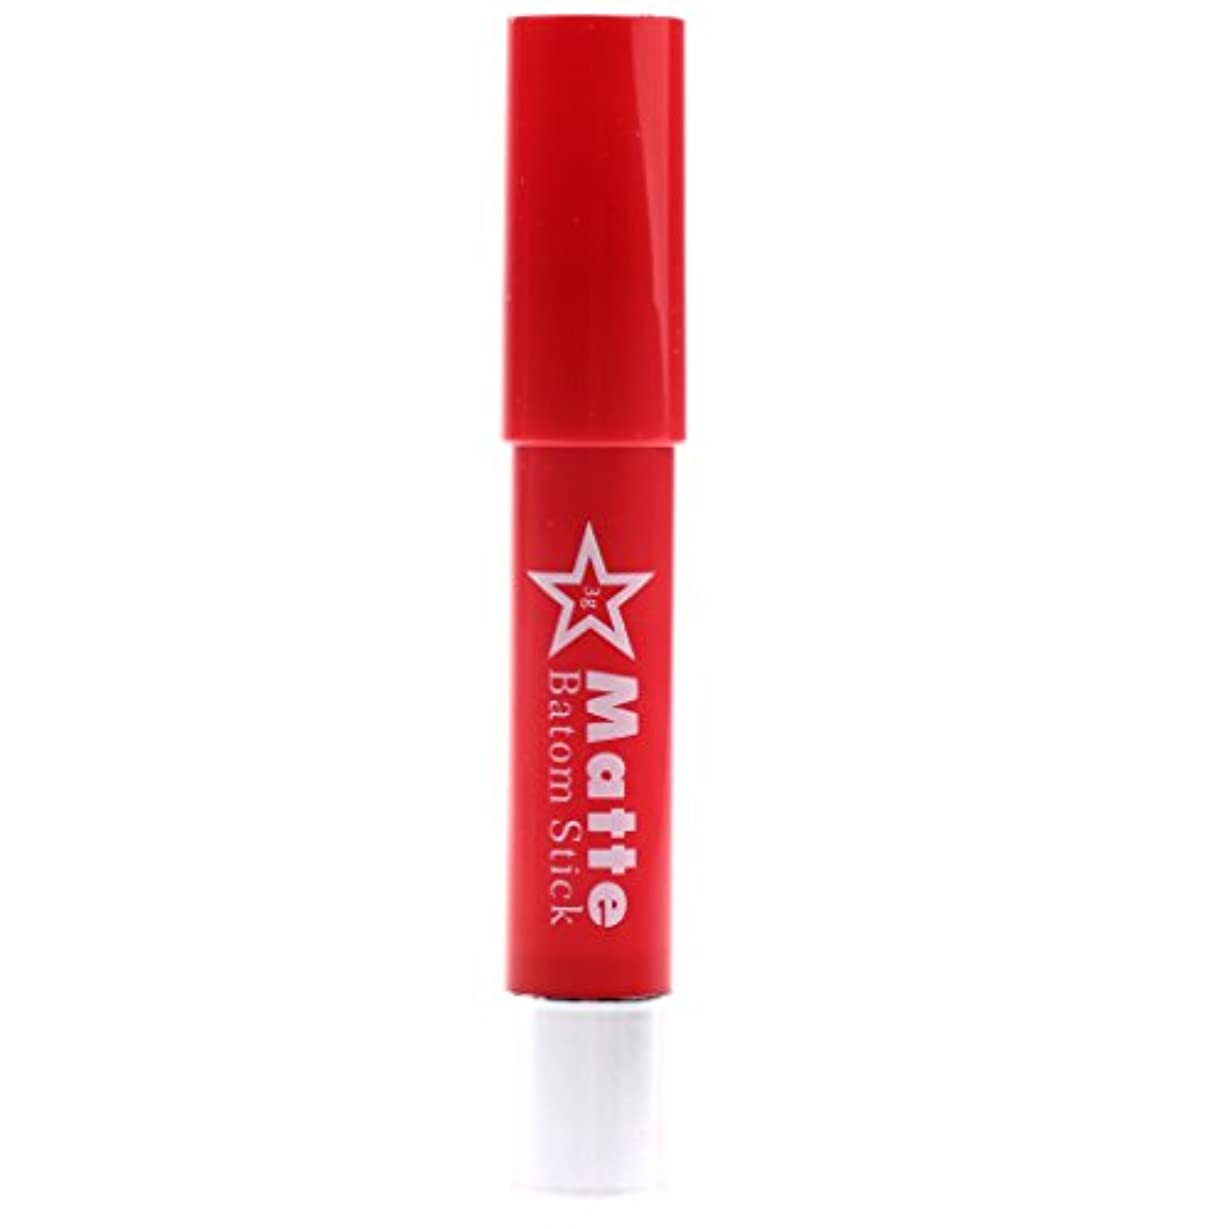 極小誕生日パン6色セット リップスティック 口紅 長持ち 保湿 高彩度カラー 人気カラー 携帯便利 - #F